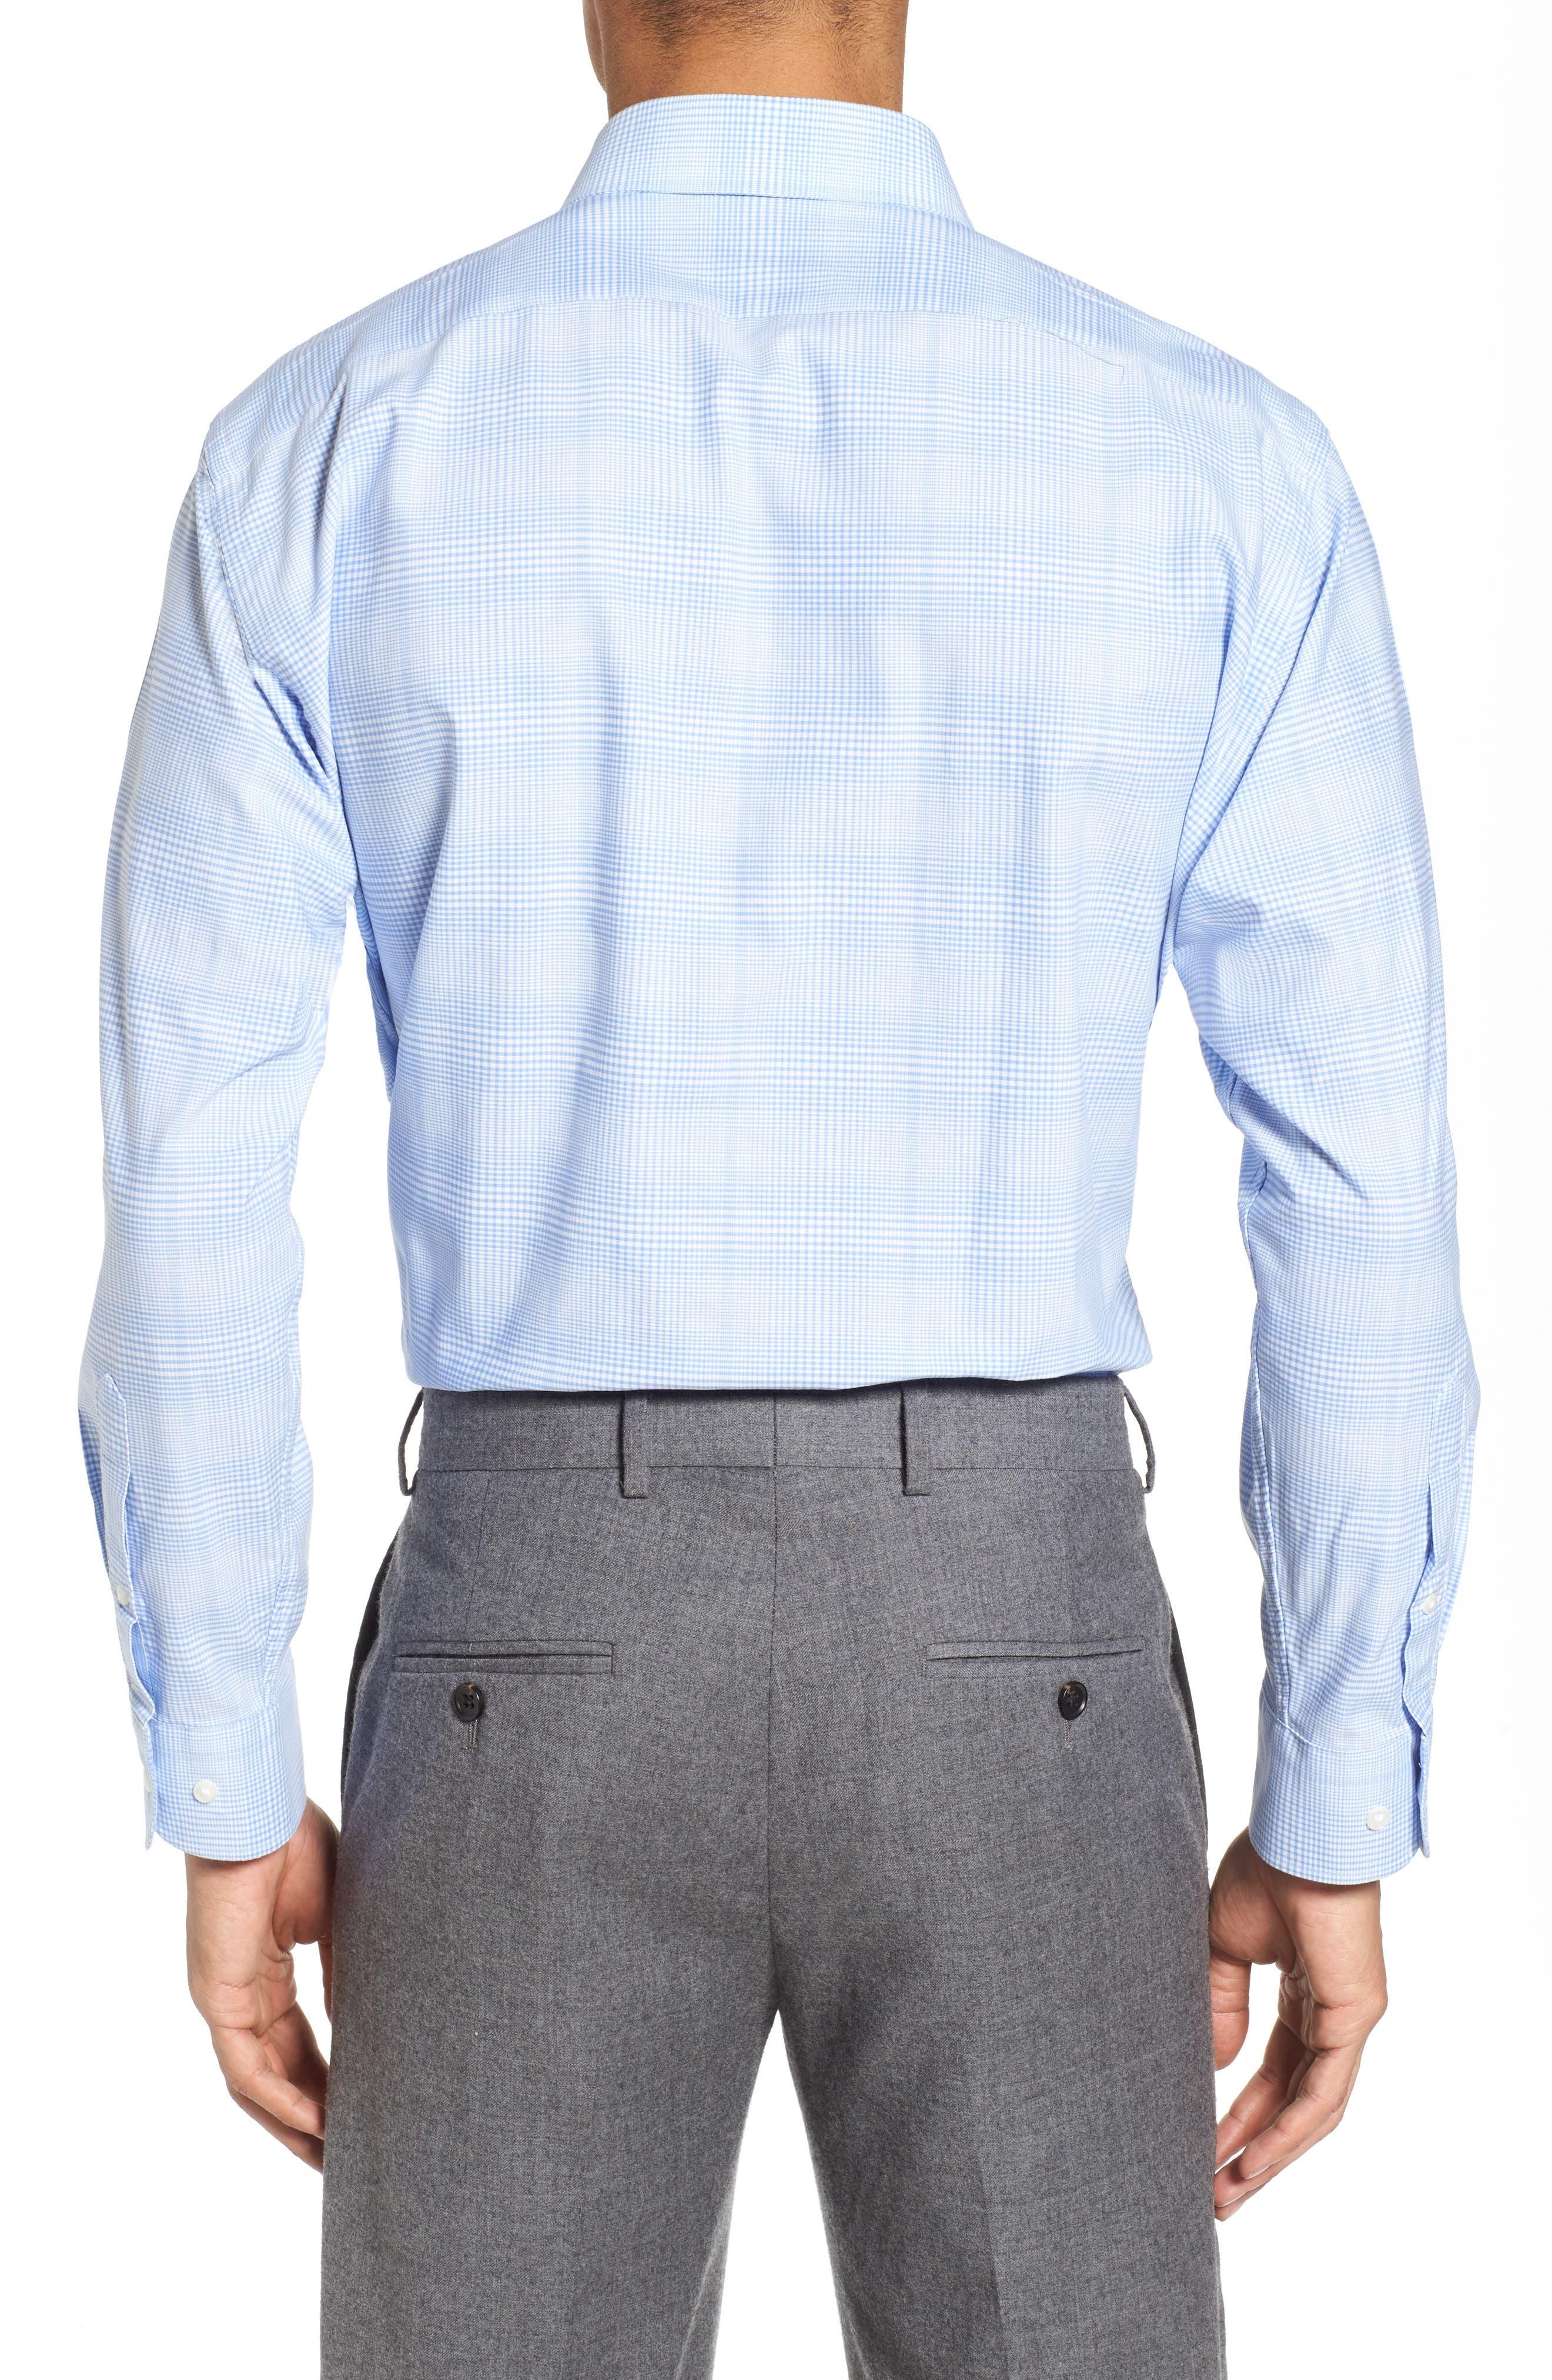 Tech-Smart Trim Fit Stretch Plaid Dress Shirt,                             Alternate thumbnail 2, color,                             450